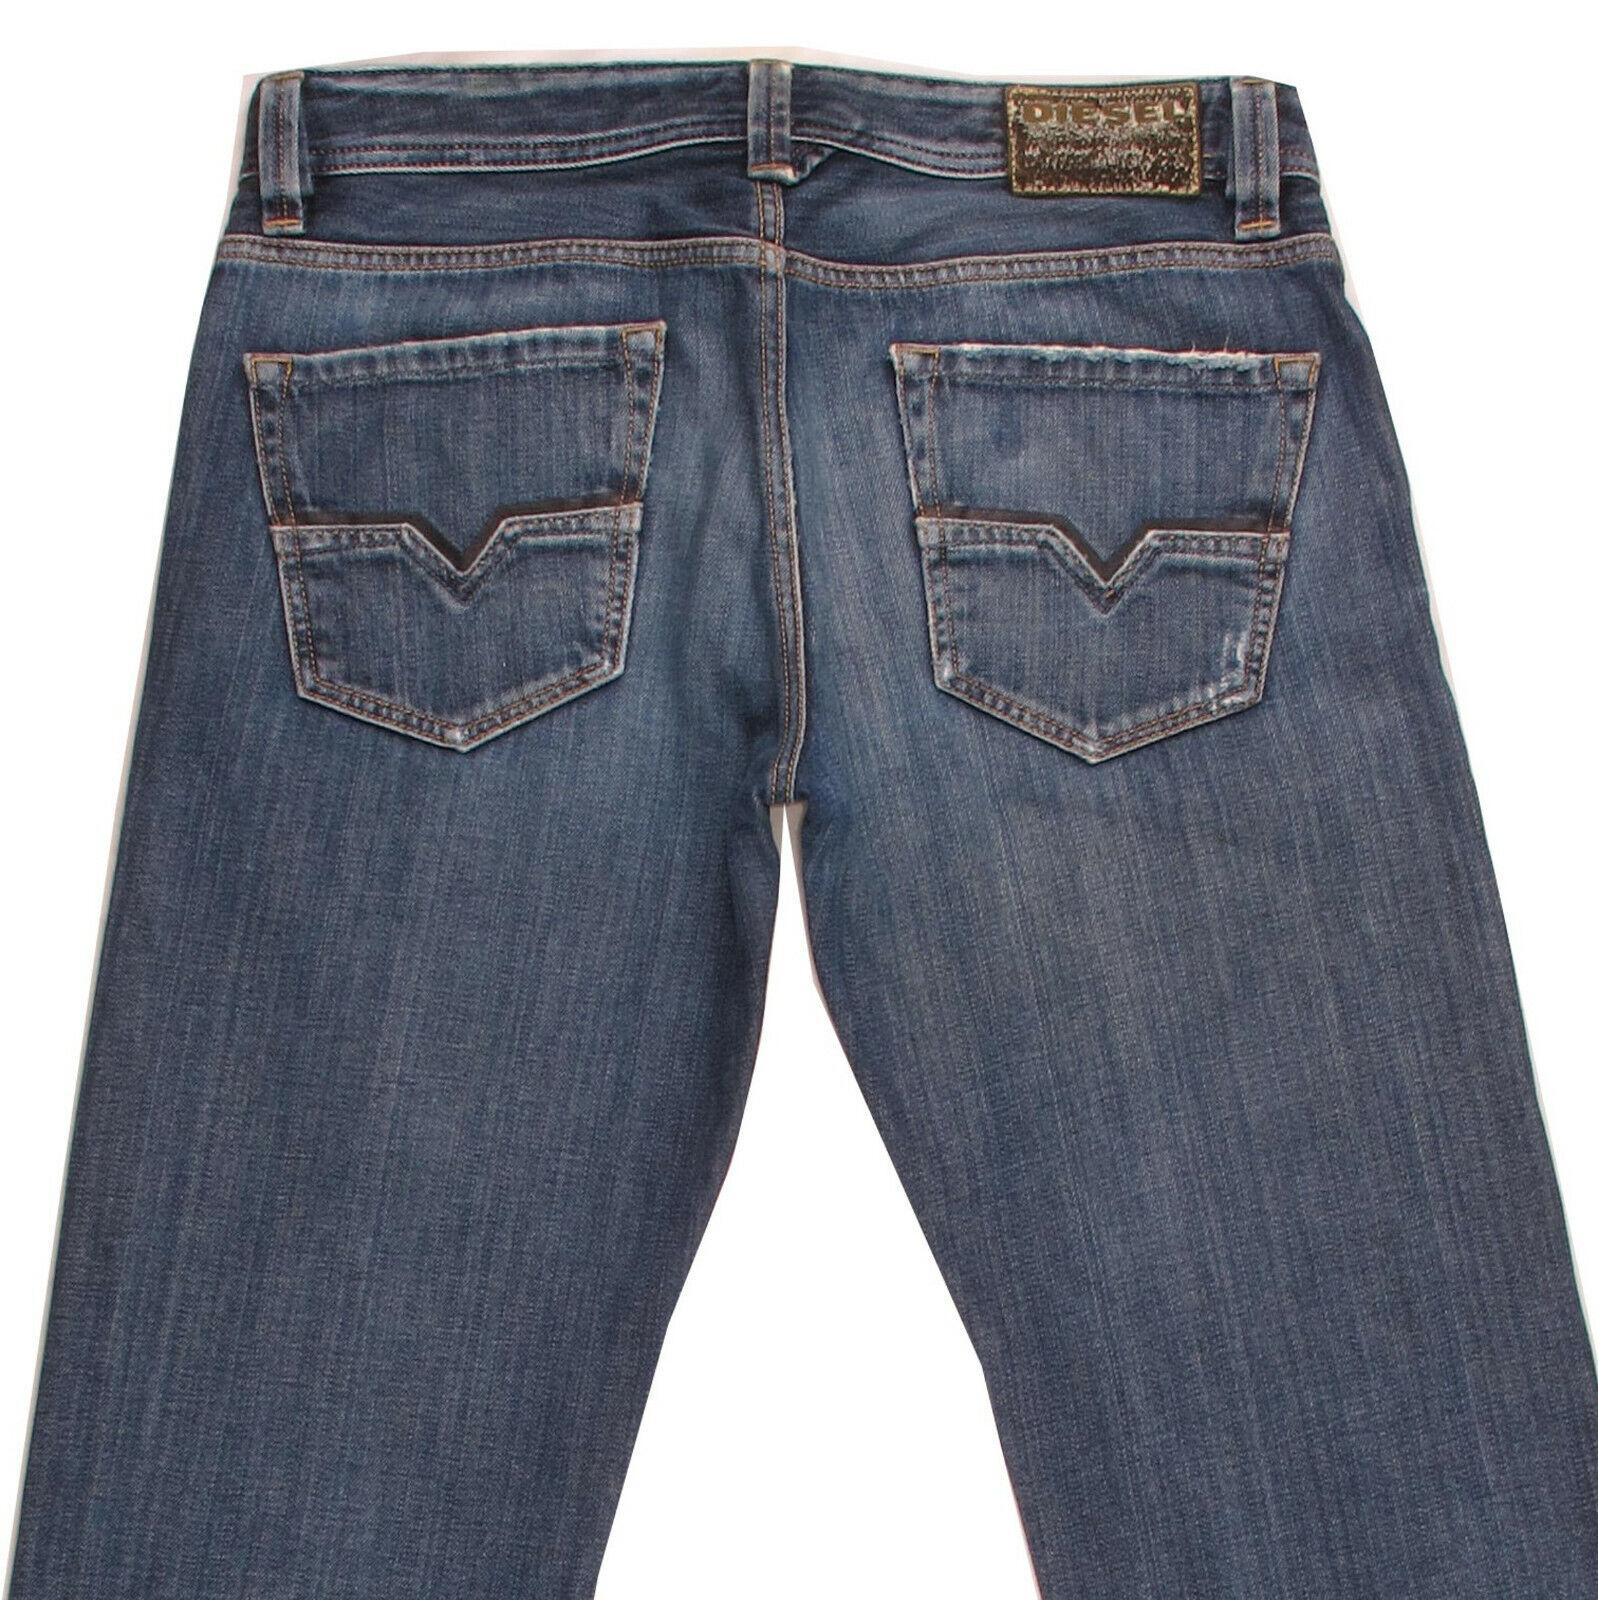 DIESEL LARKEE Wash 008RQ Men's Straight Classic Regular Fit Denim Jeans W33 L34